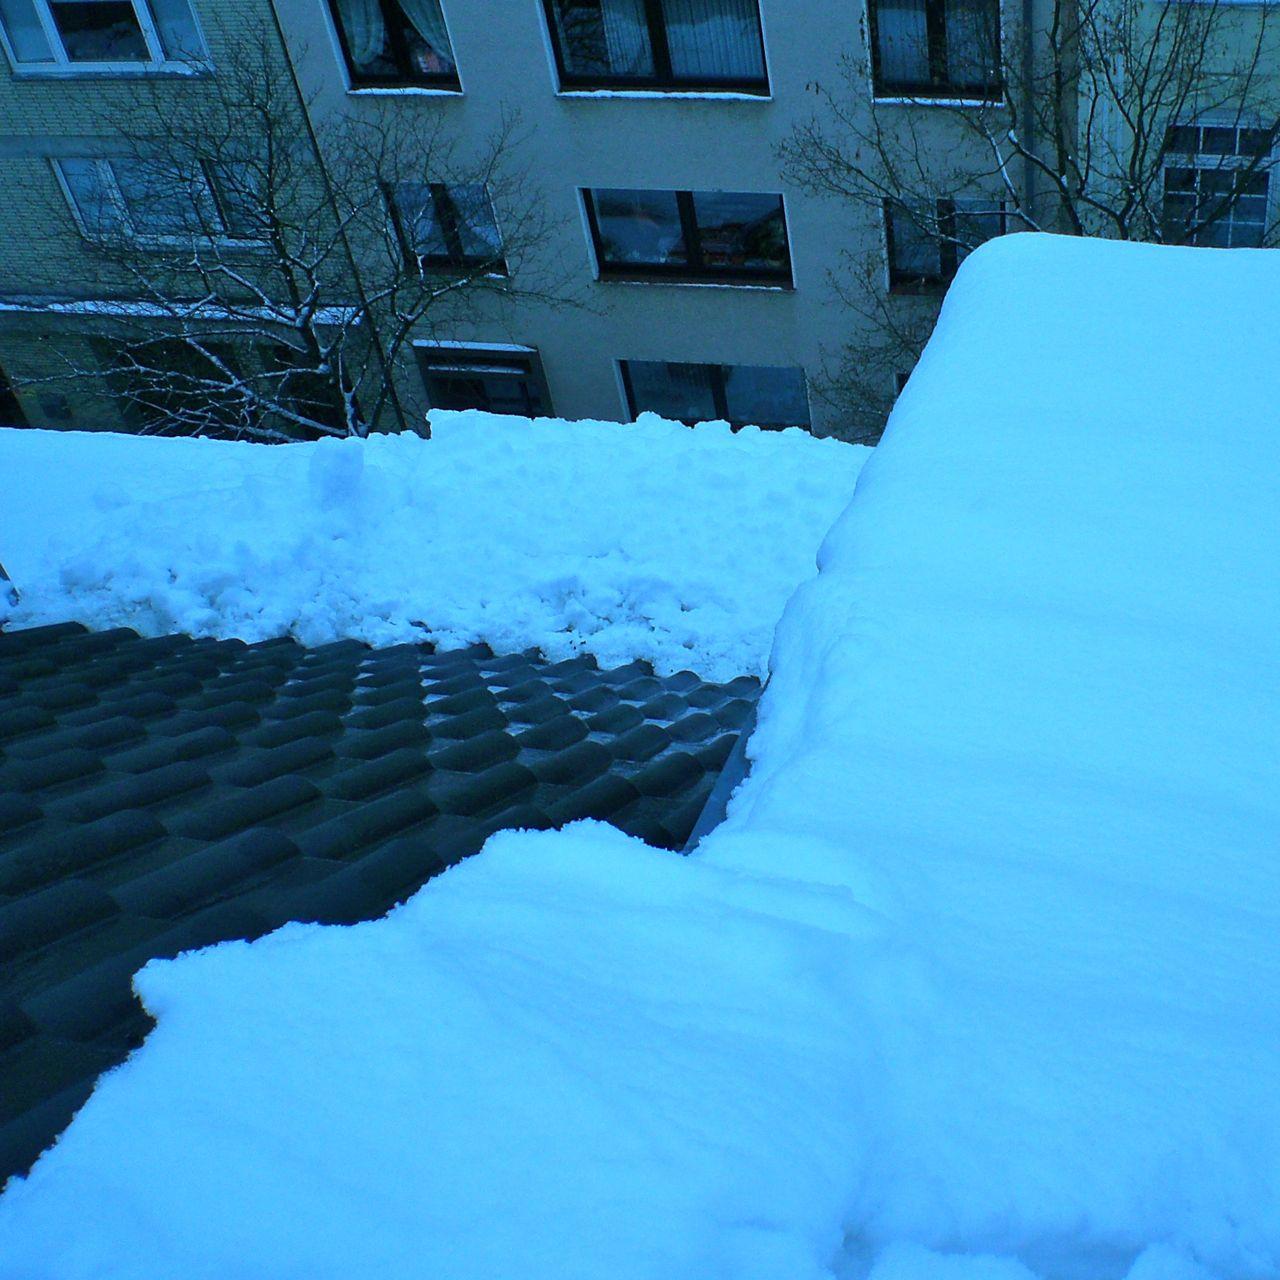 Willkommen im Winterland Düsseldorf